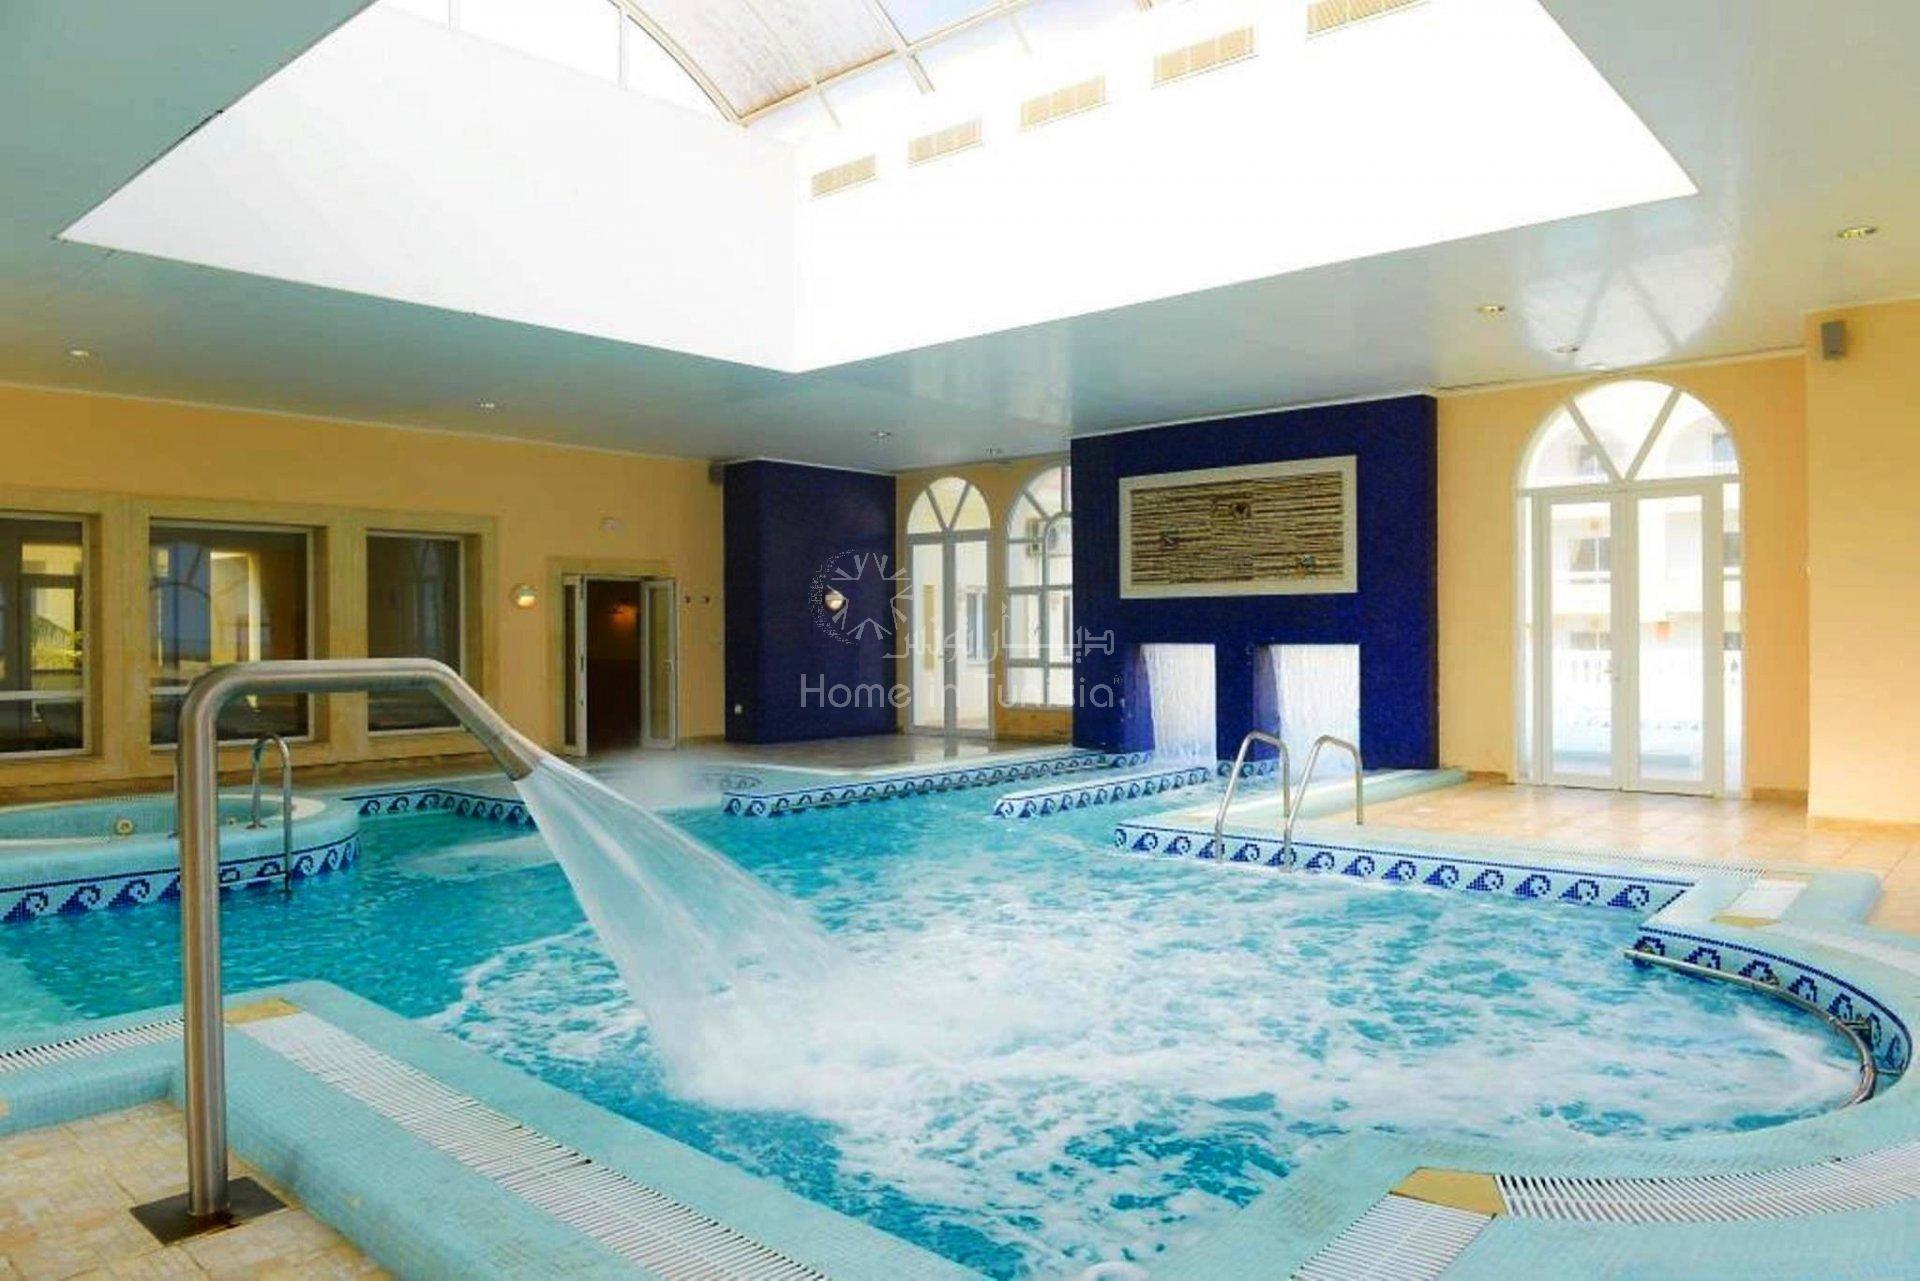 S+1 de 78 m2 meublé équipé situé en bord de mer d'une très belle résidence avec jardin piscine terrasse